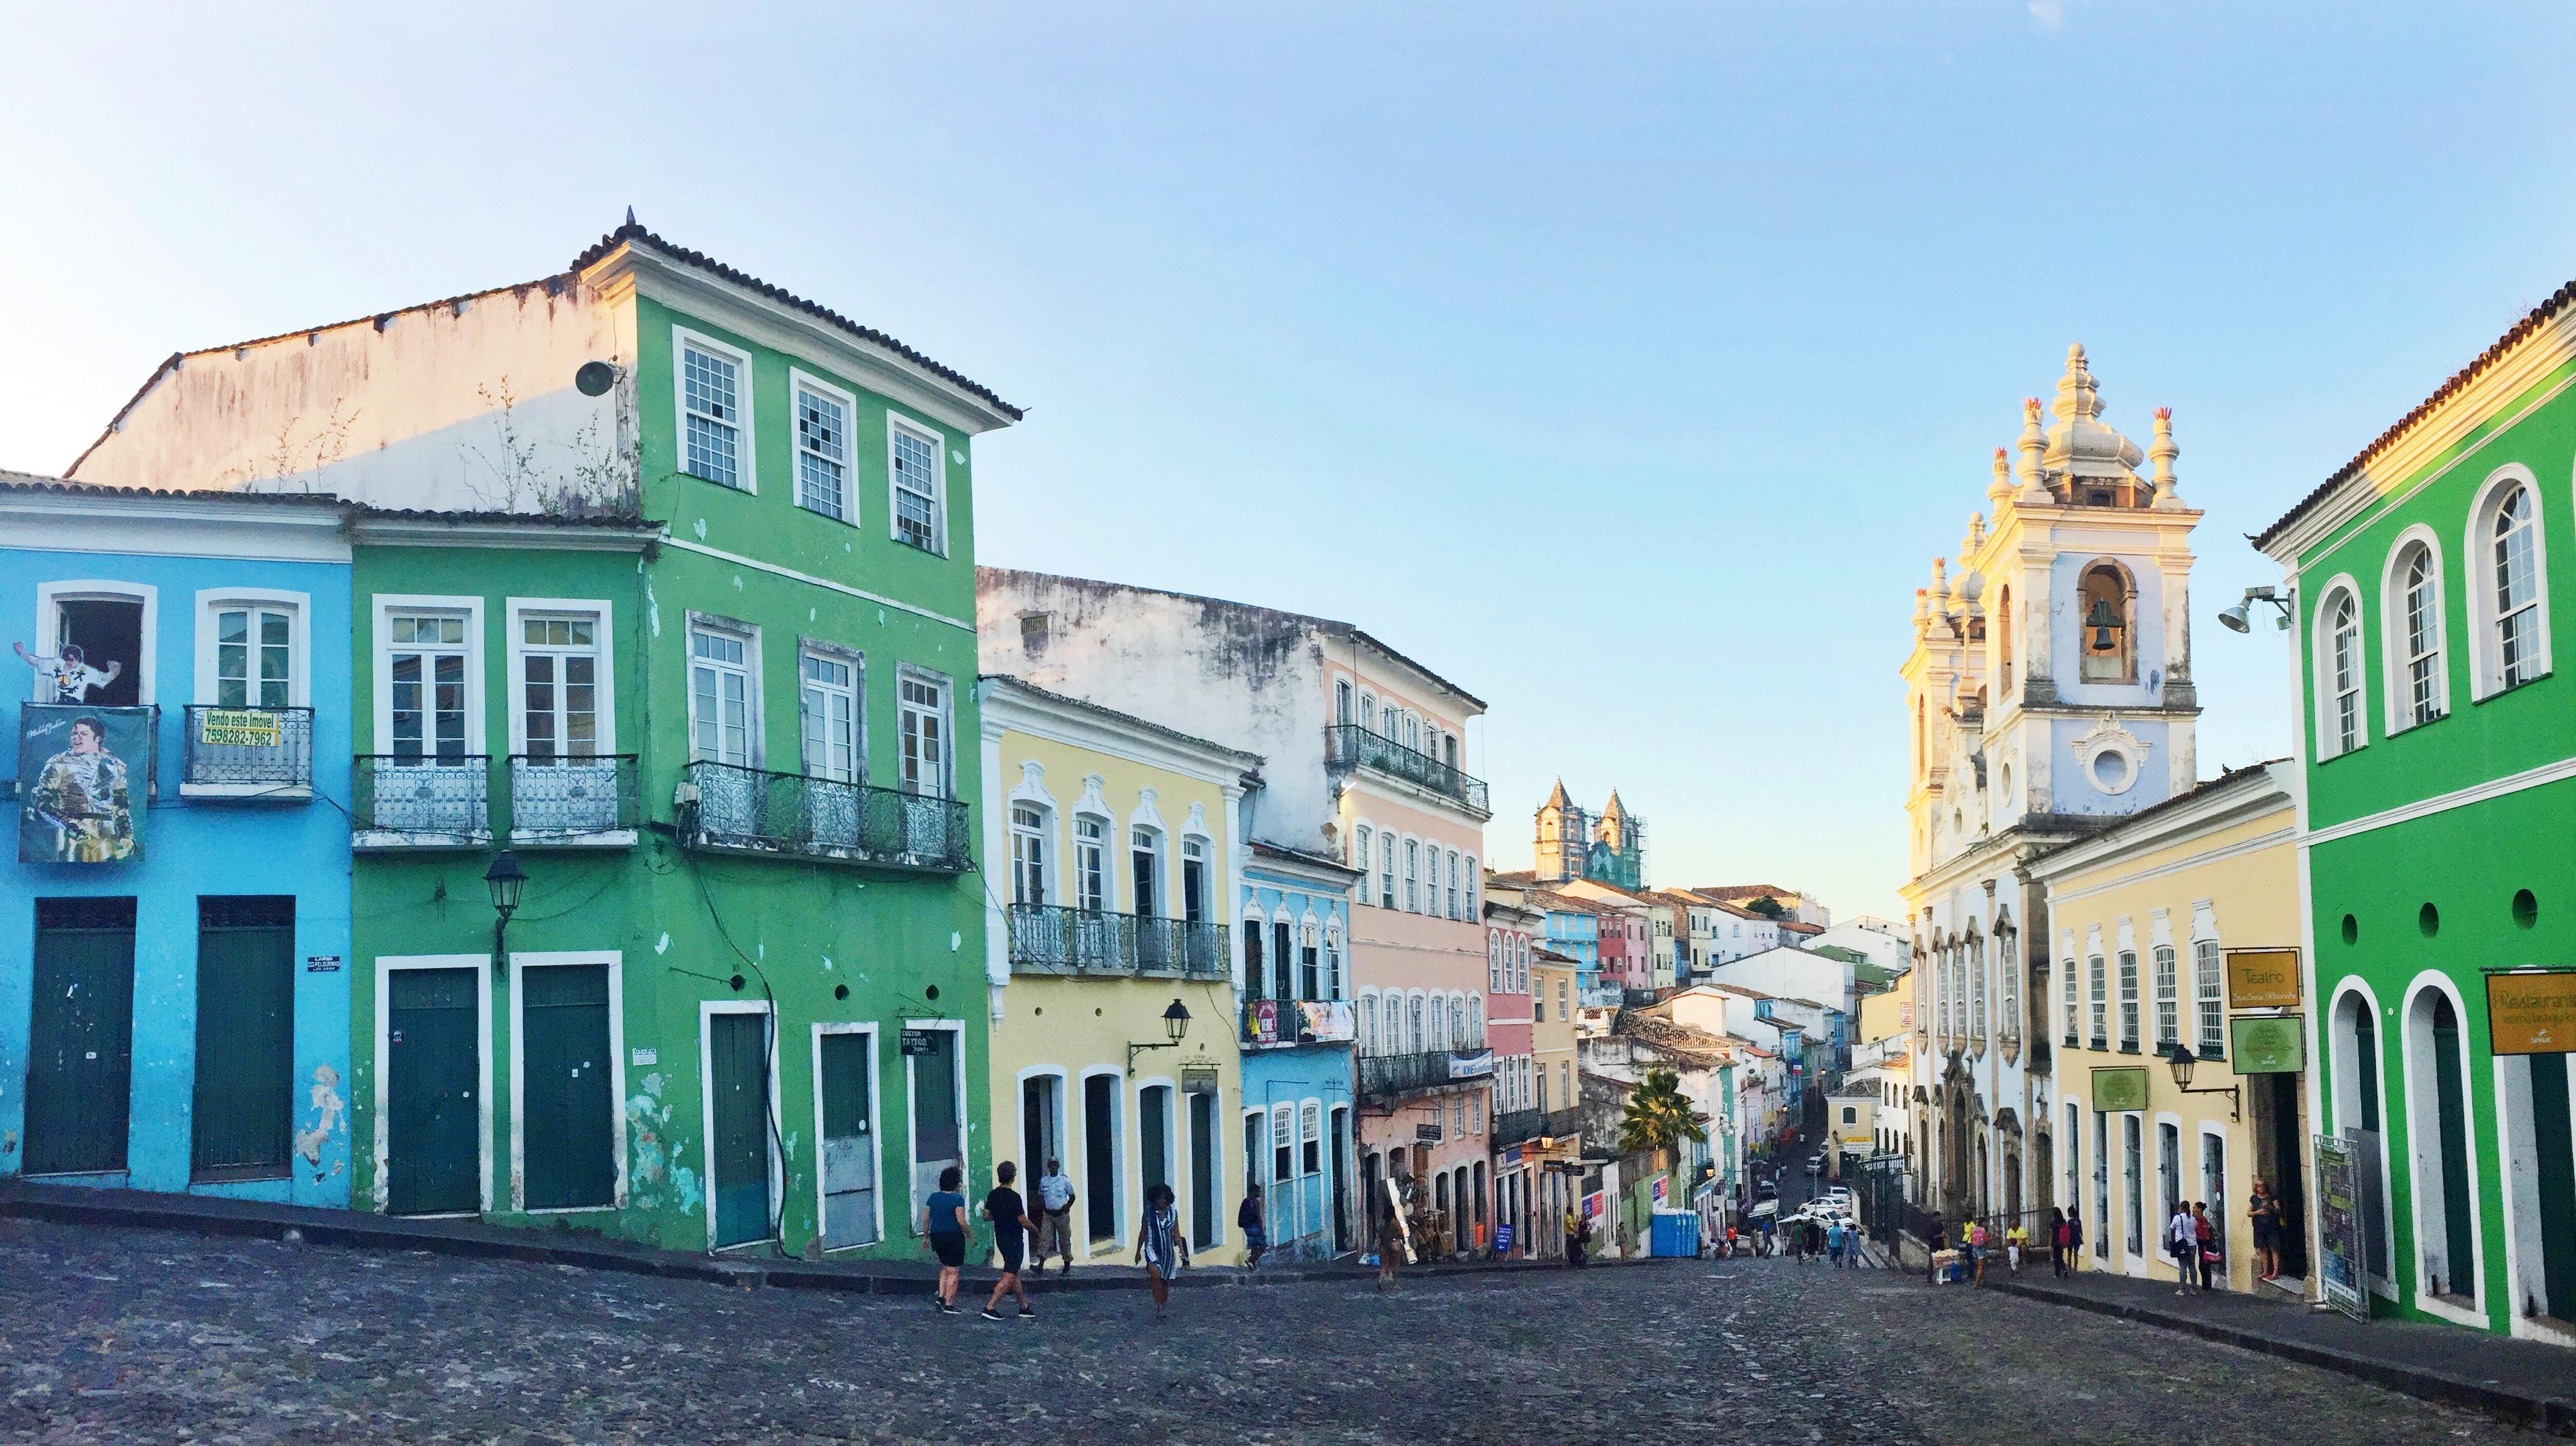 Brazilian street